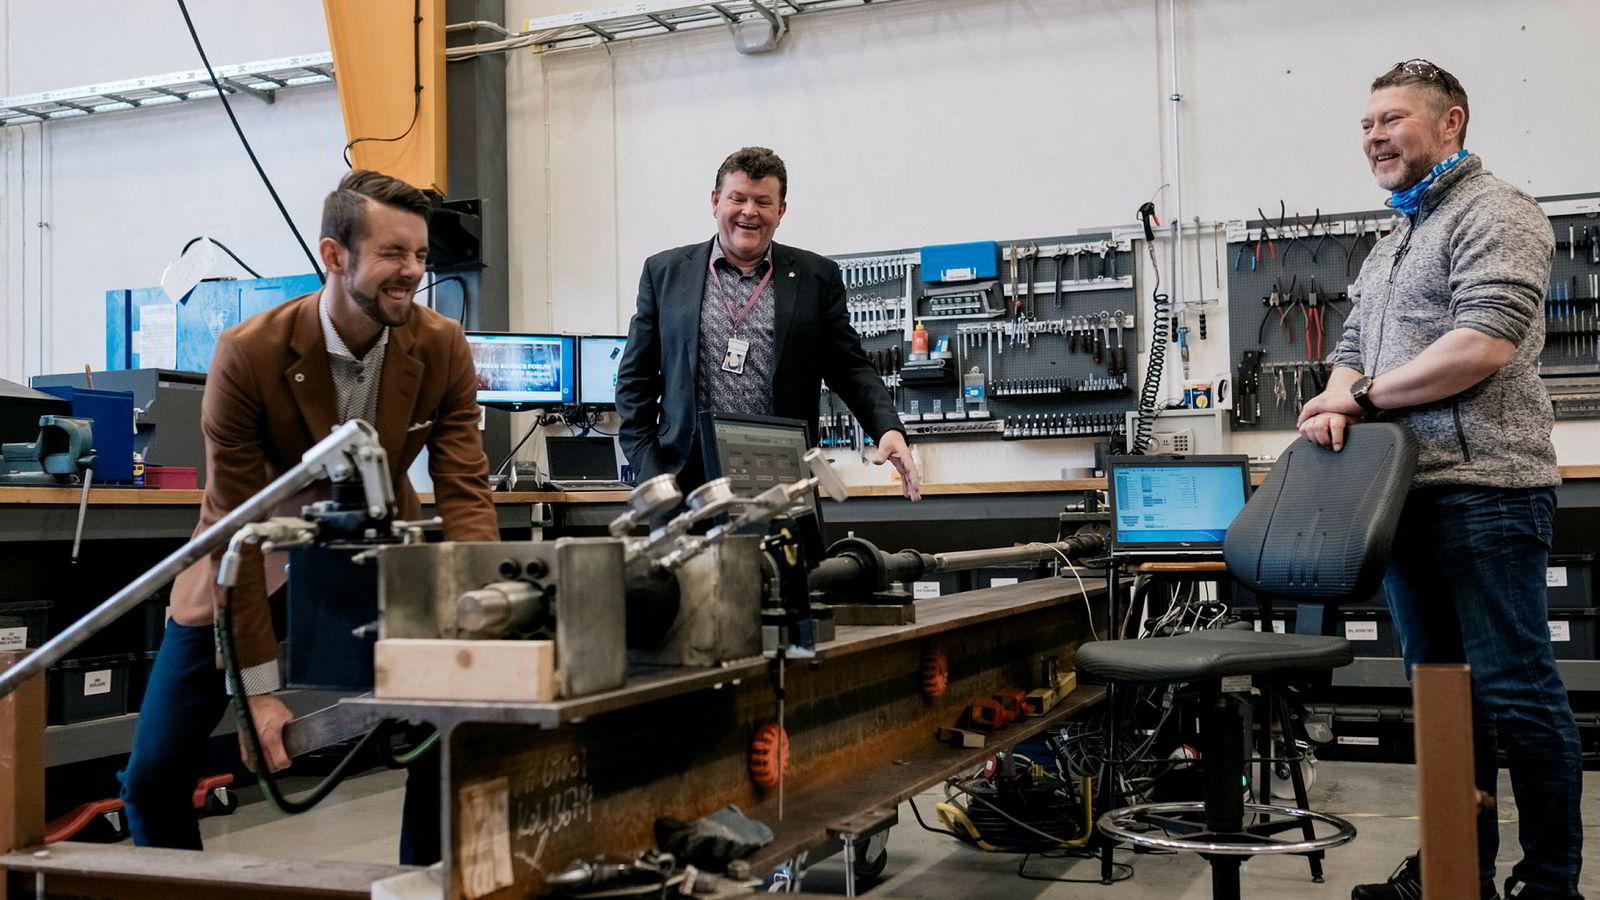 Well Innovation-sjef Per Bjarte Tanche-Larsen (i midten) går sammen med Magnus Øgård Meisal (til venstre) i Innovation Dock for å lage et nytt akseleratorprogram med 50 millioner kroner i potten. Til høyre Trond Arild Tveit, testingeniør i Well Innovation.